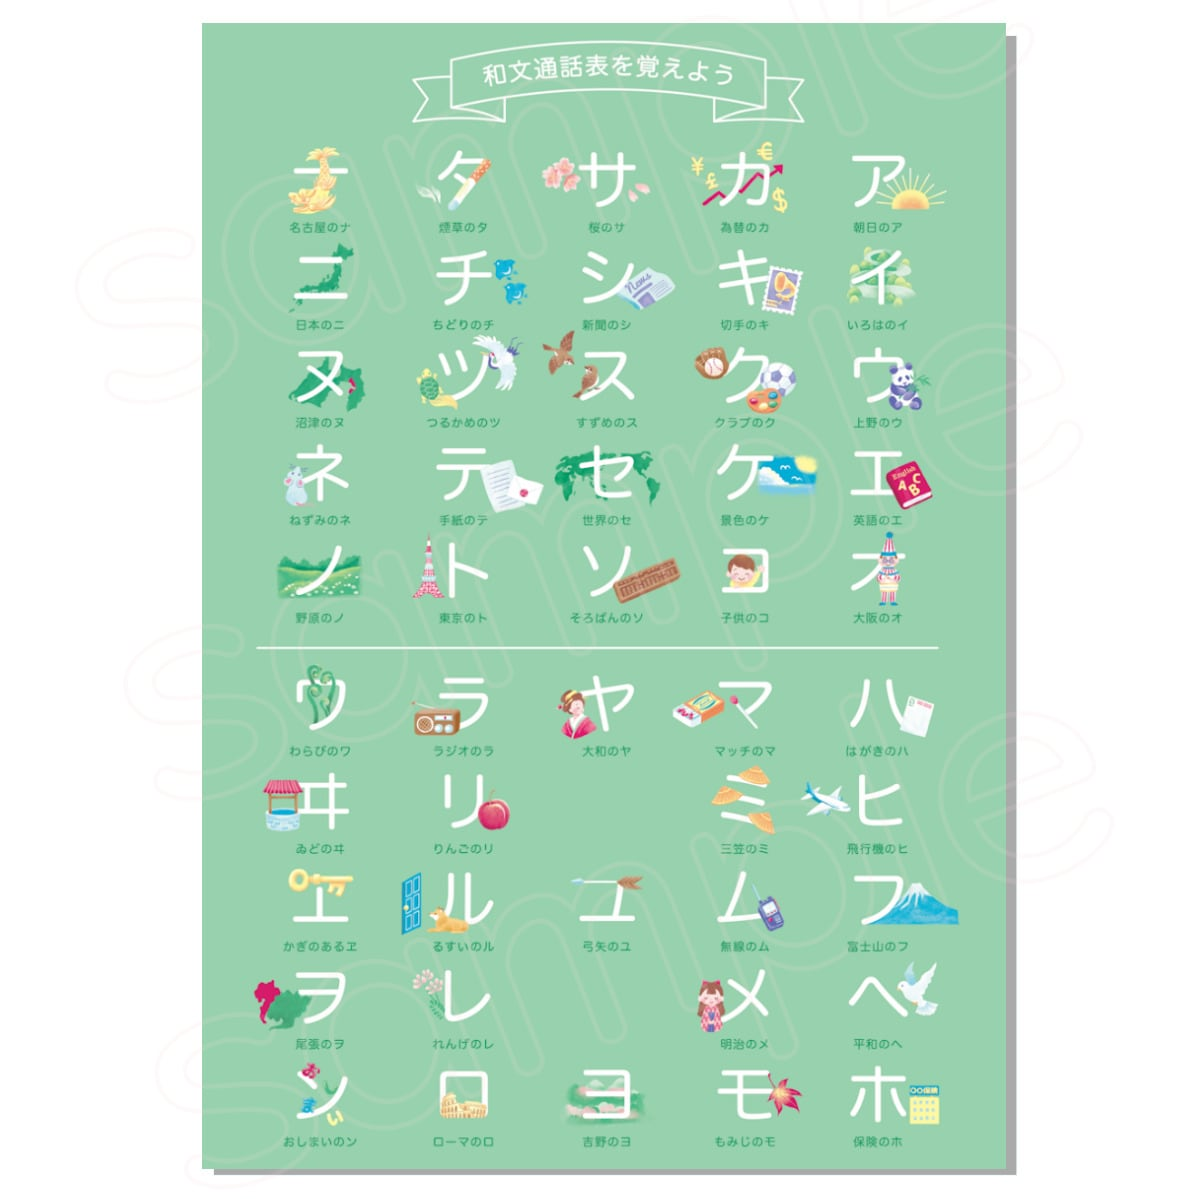 和文通話表を覚えよう ポスター 5枚セット